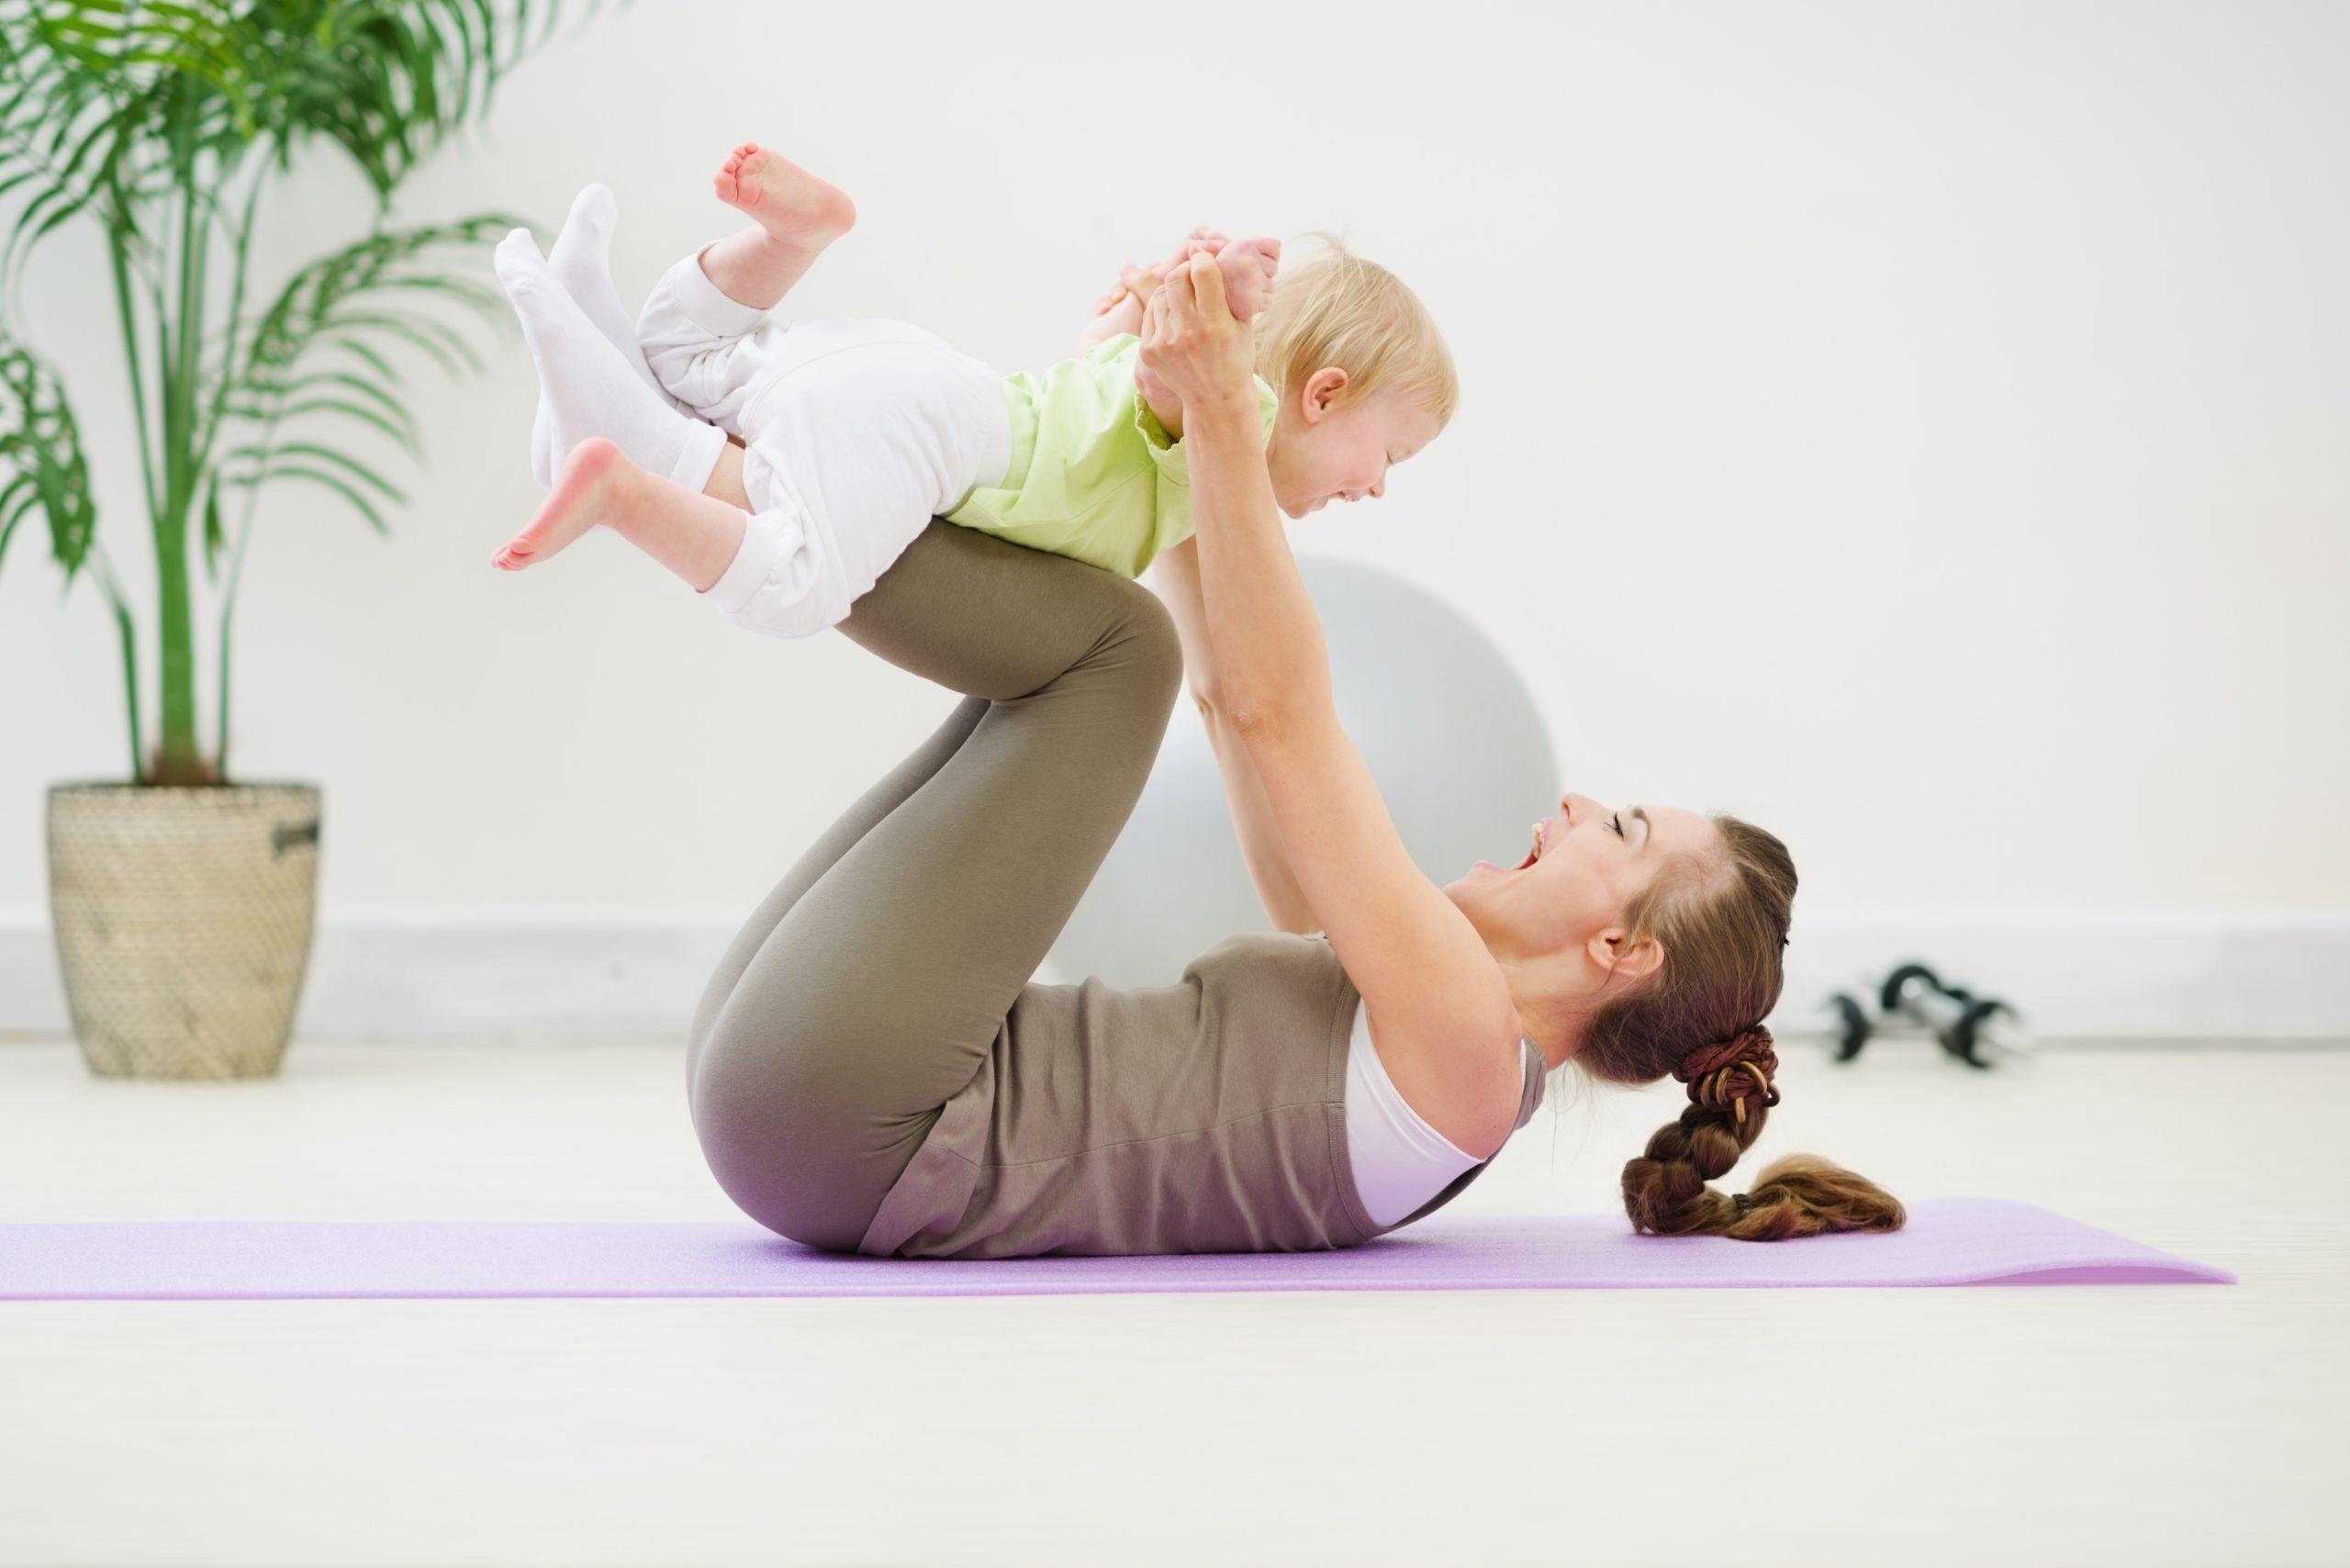 Тренировки с ребенком